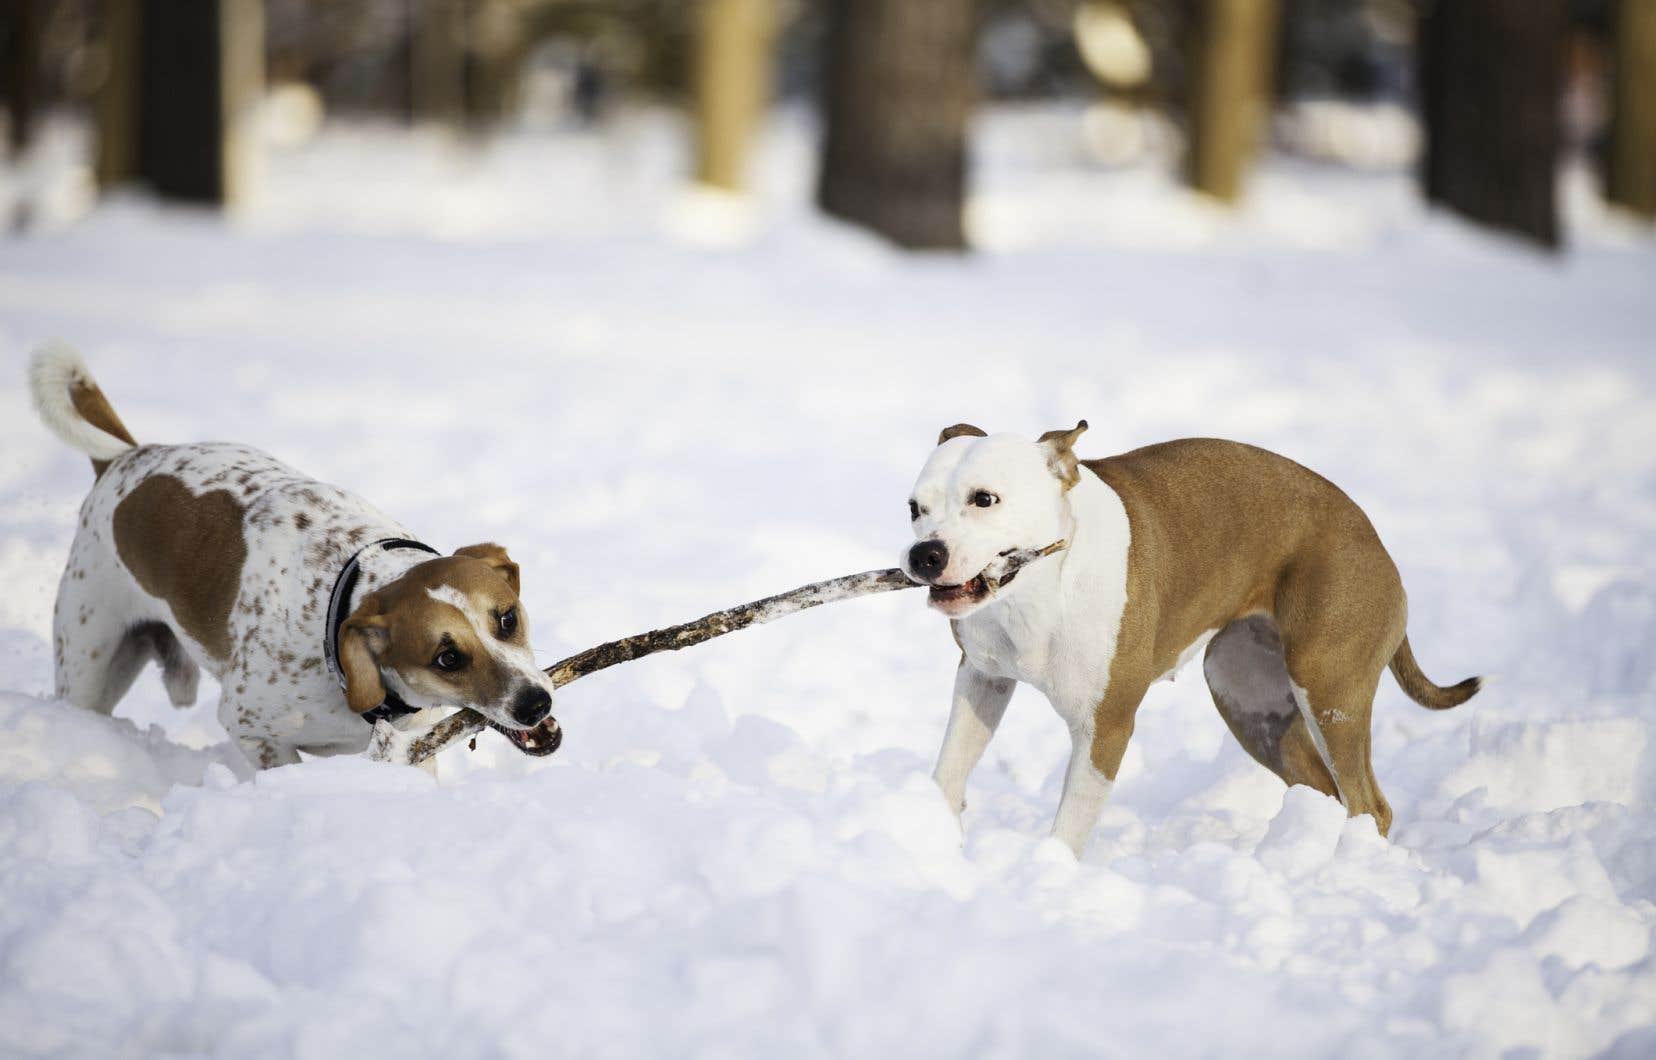 Selon les médecins vétérinaires, établir une liste de races de chiens dangereux est «utopique et inapplicable».